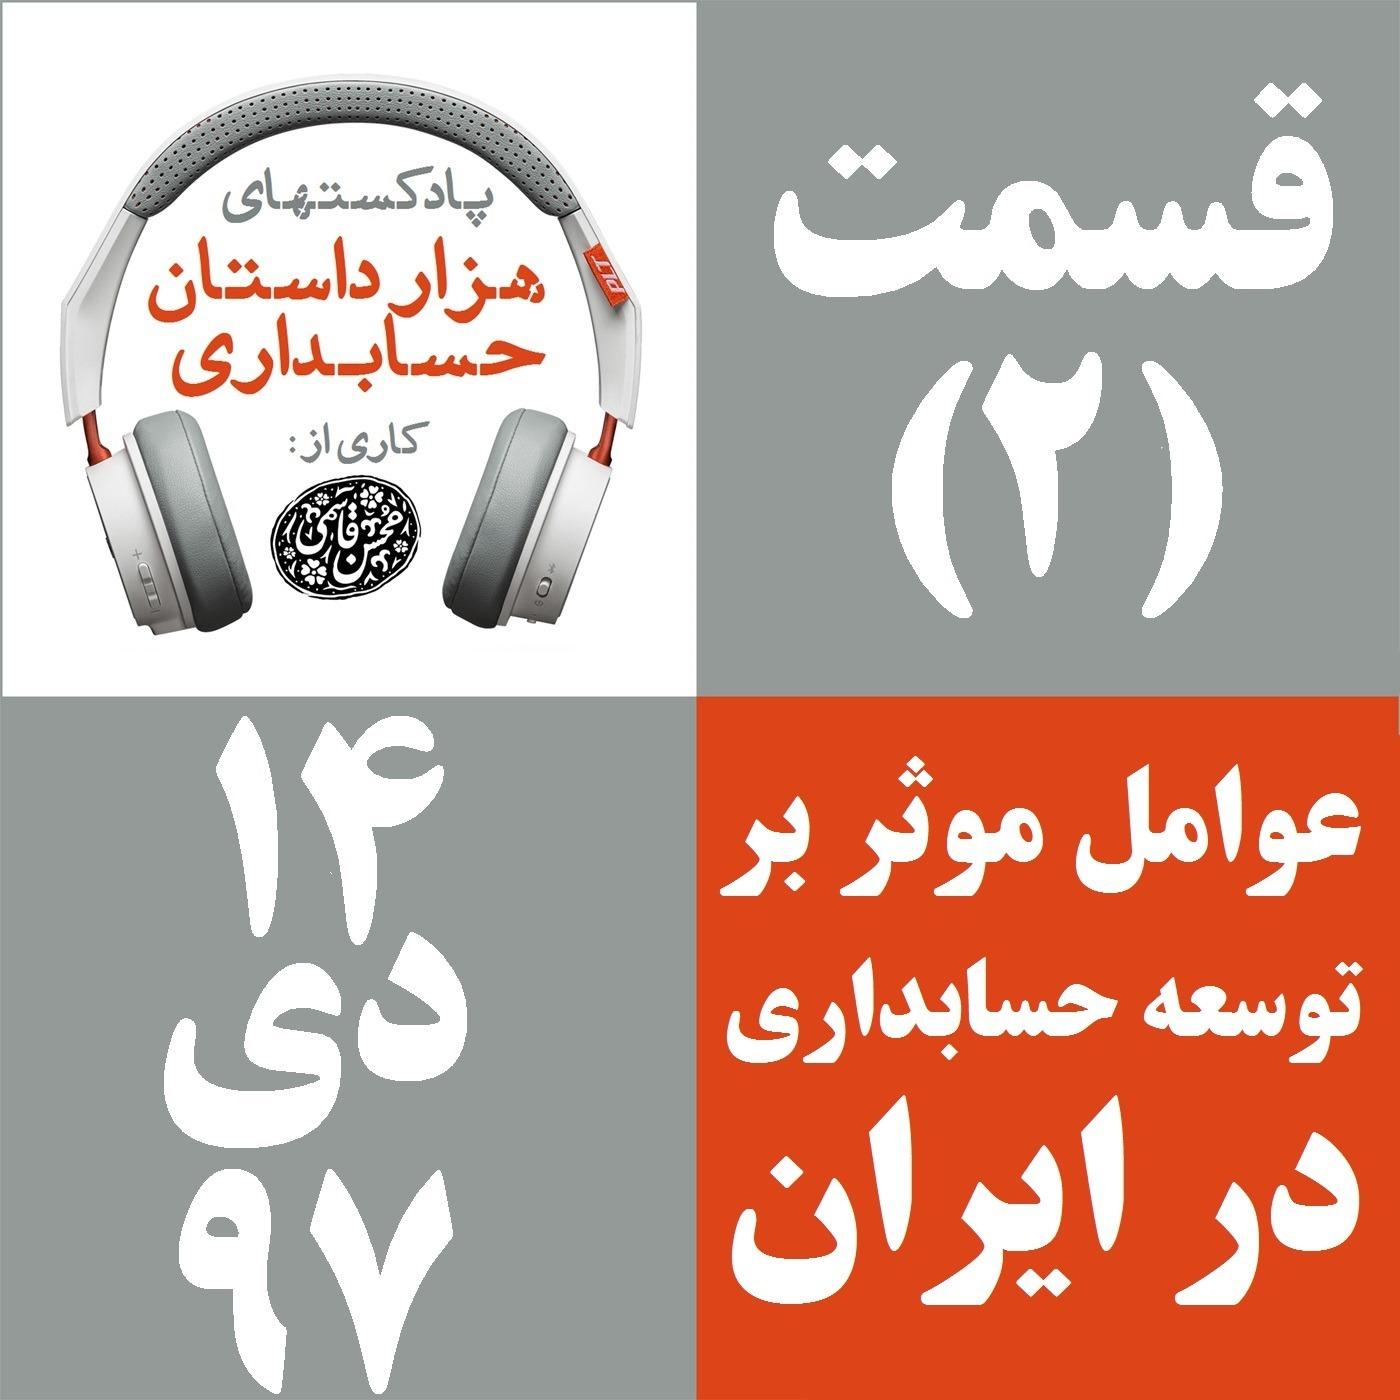 قسمت 2 - توسعه حسابداری نوین در ایران طی حدود صد و سی سال گذشته